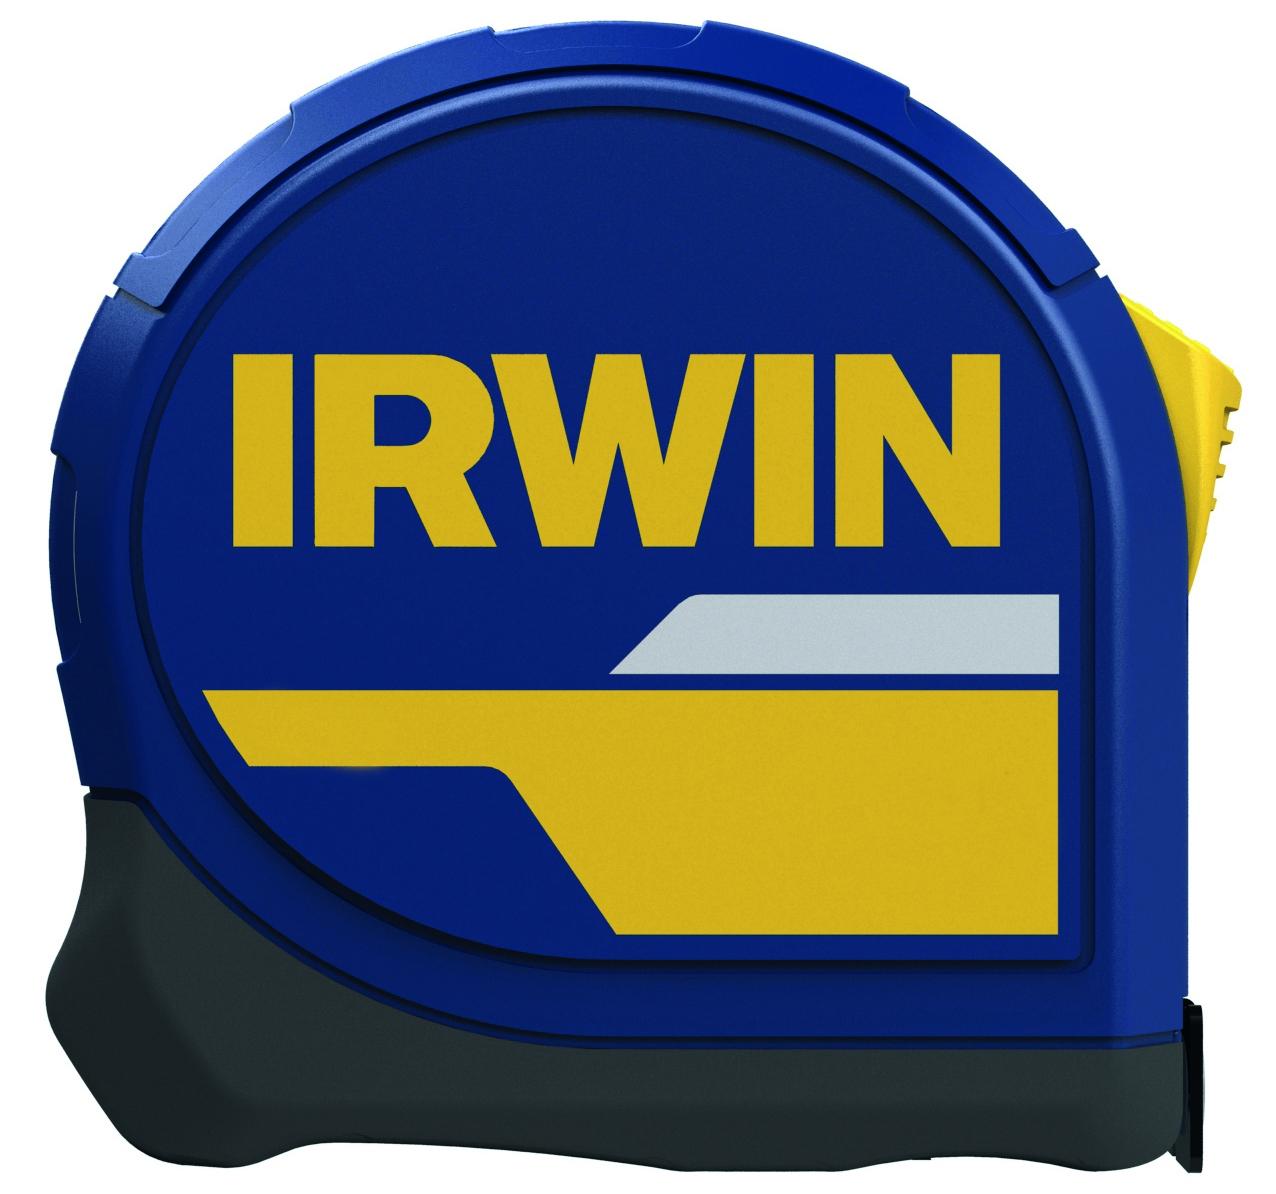 Рулетка Irwin 8 м OPP (10507786) рулетка 8 м opp irwin 10507786